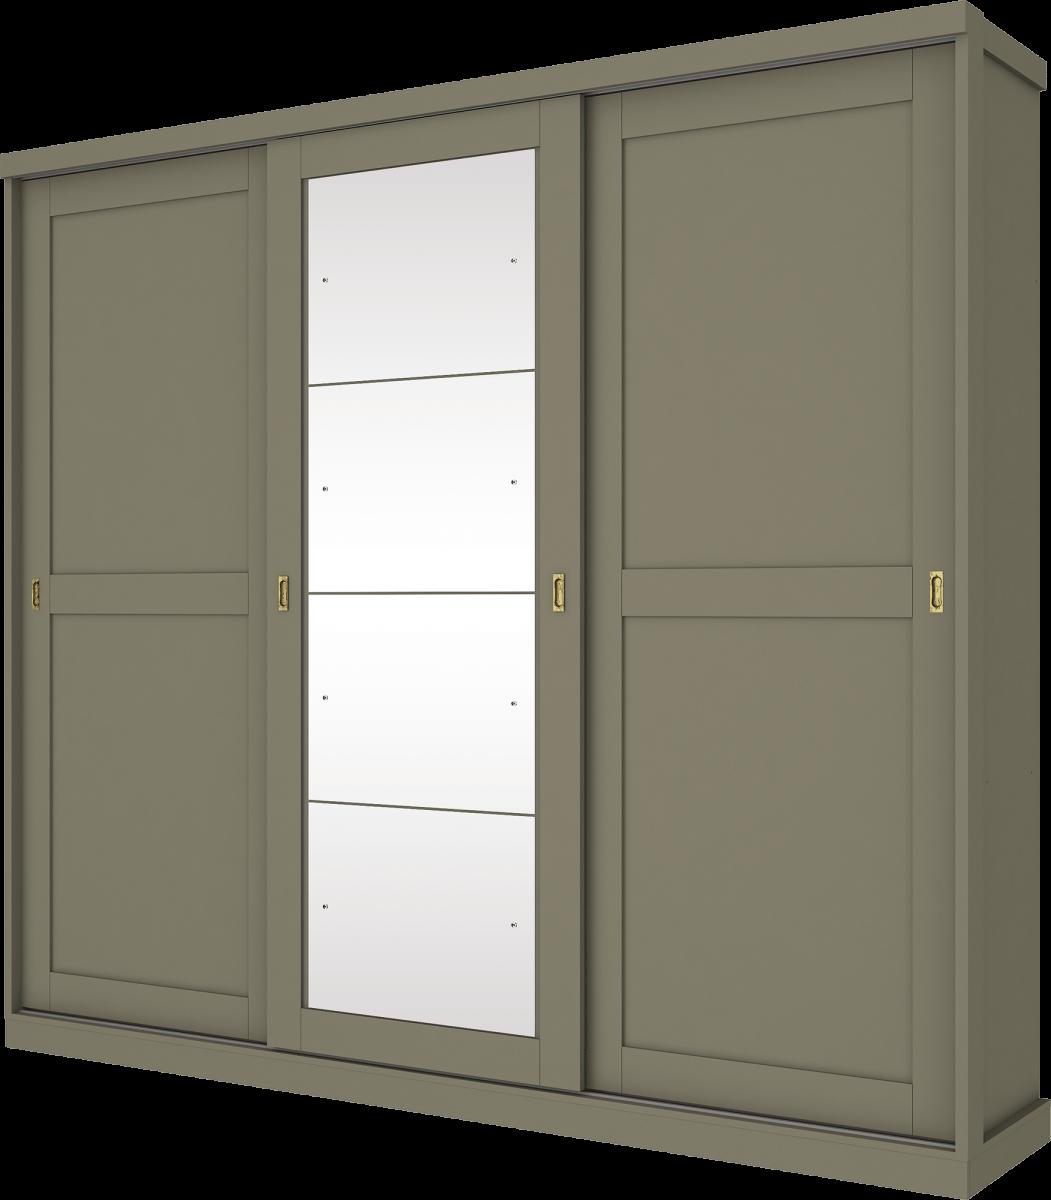 Guarda Roupa Olympia Henn 03 Portas com Espelho Deslizantes Duna D223-23 DUNA D22323DUNA